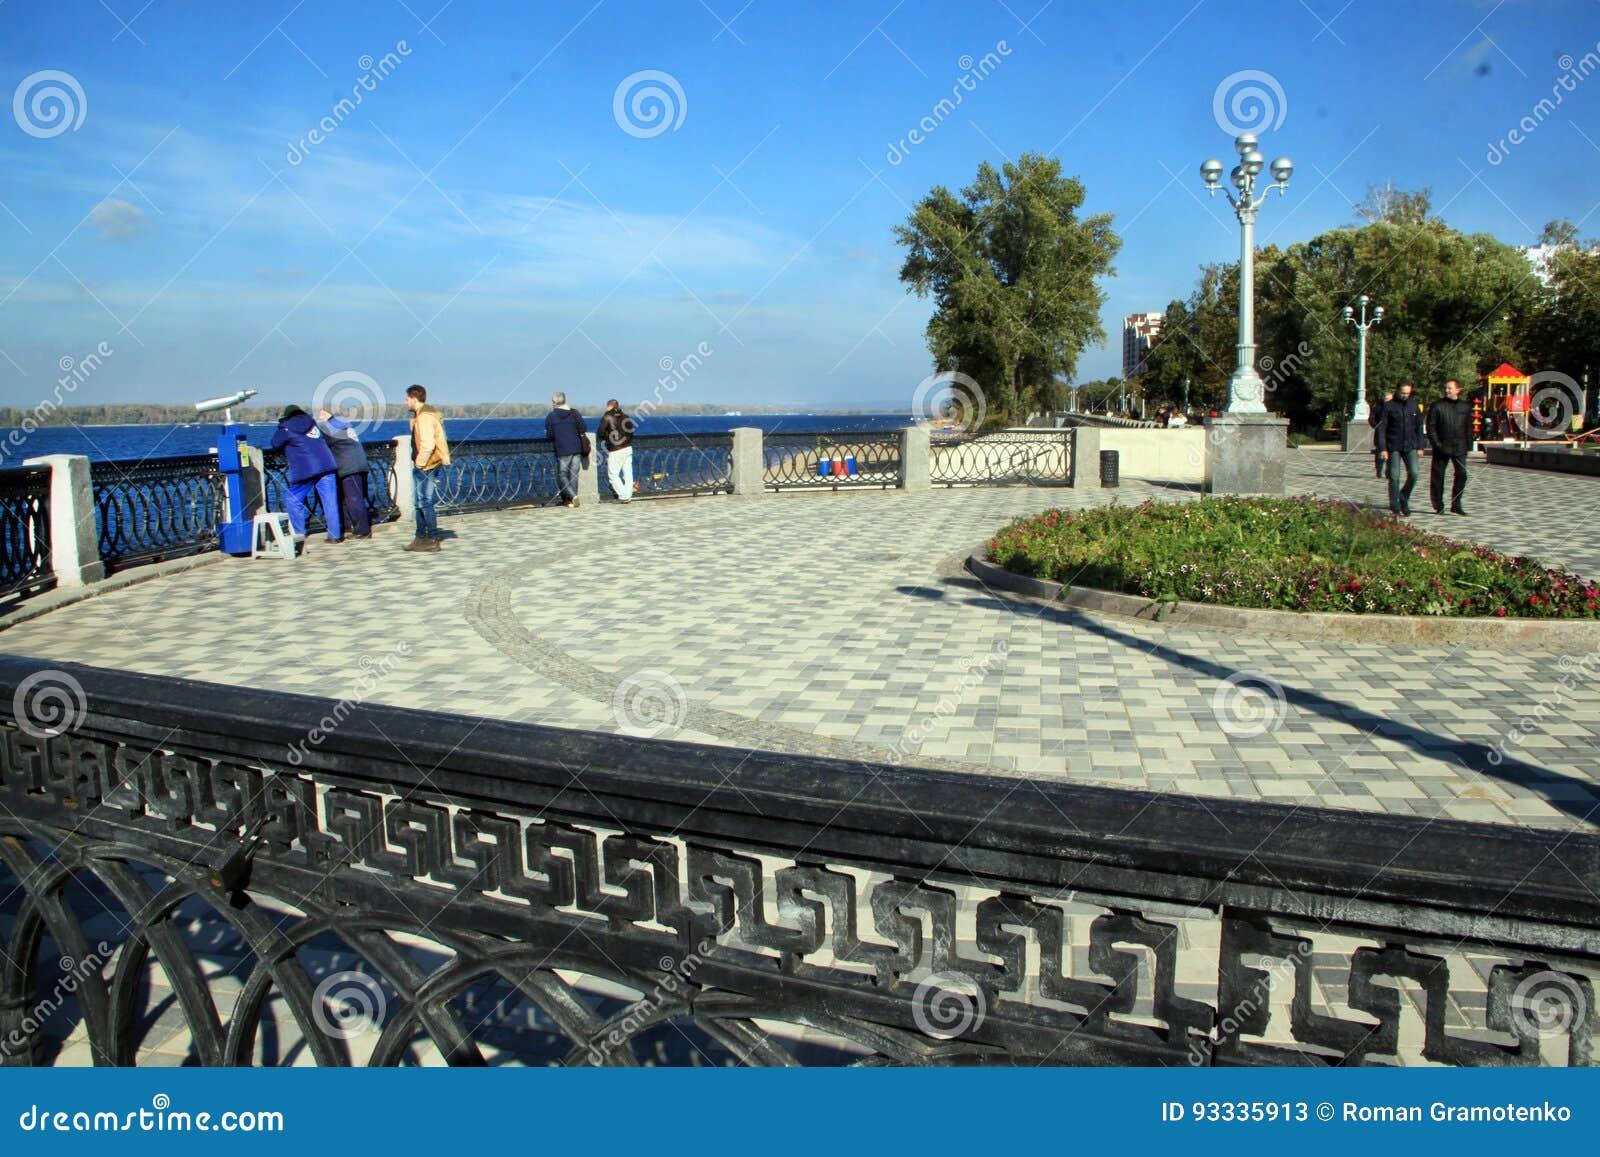 Costee en la ciudad del Samara, Federación Rusa